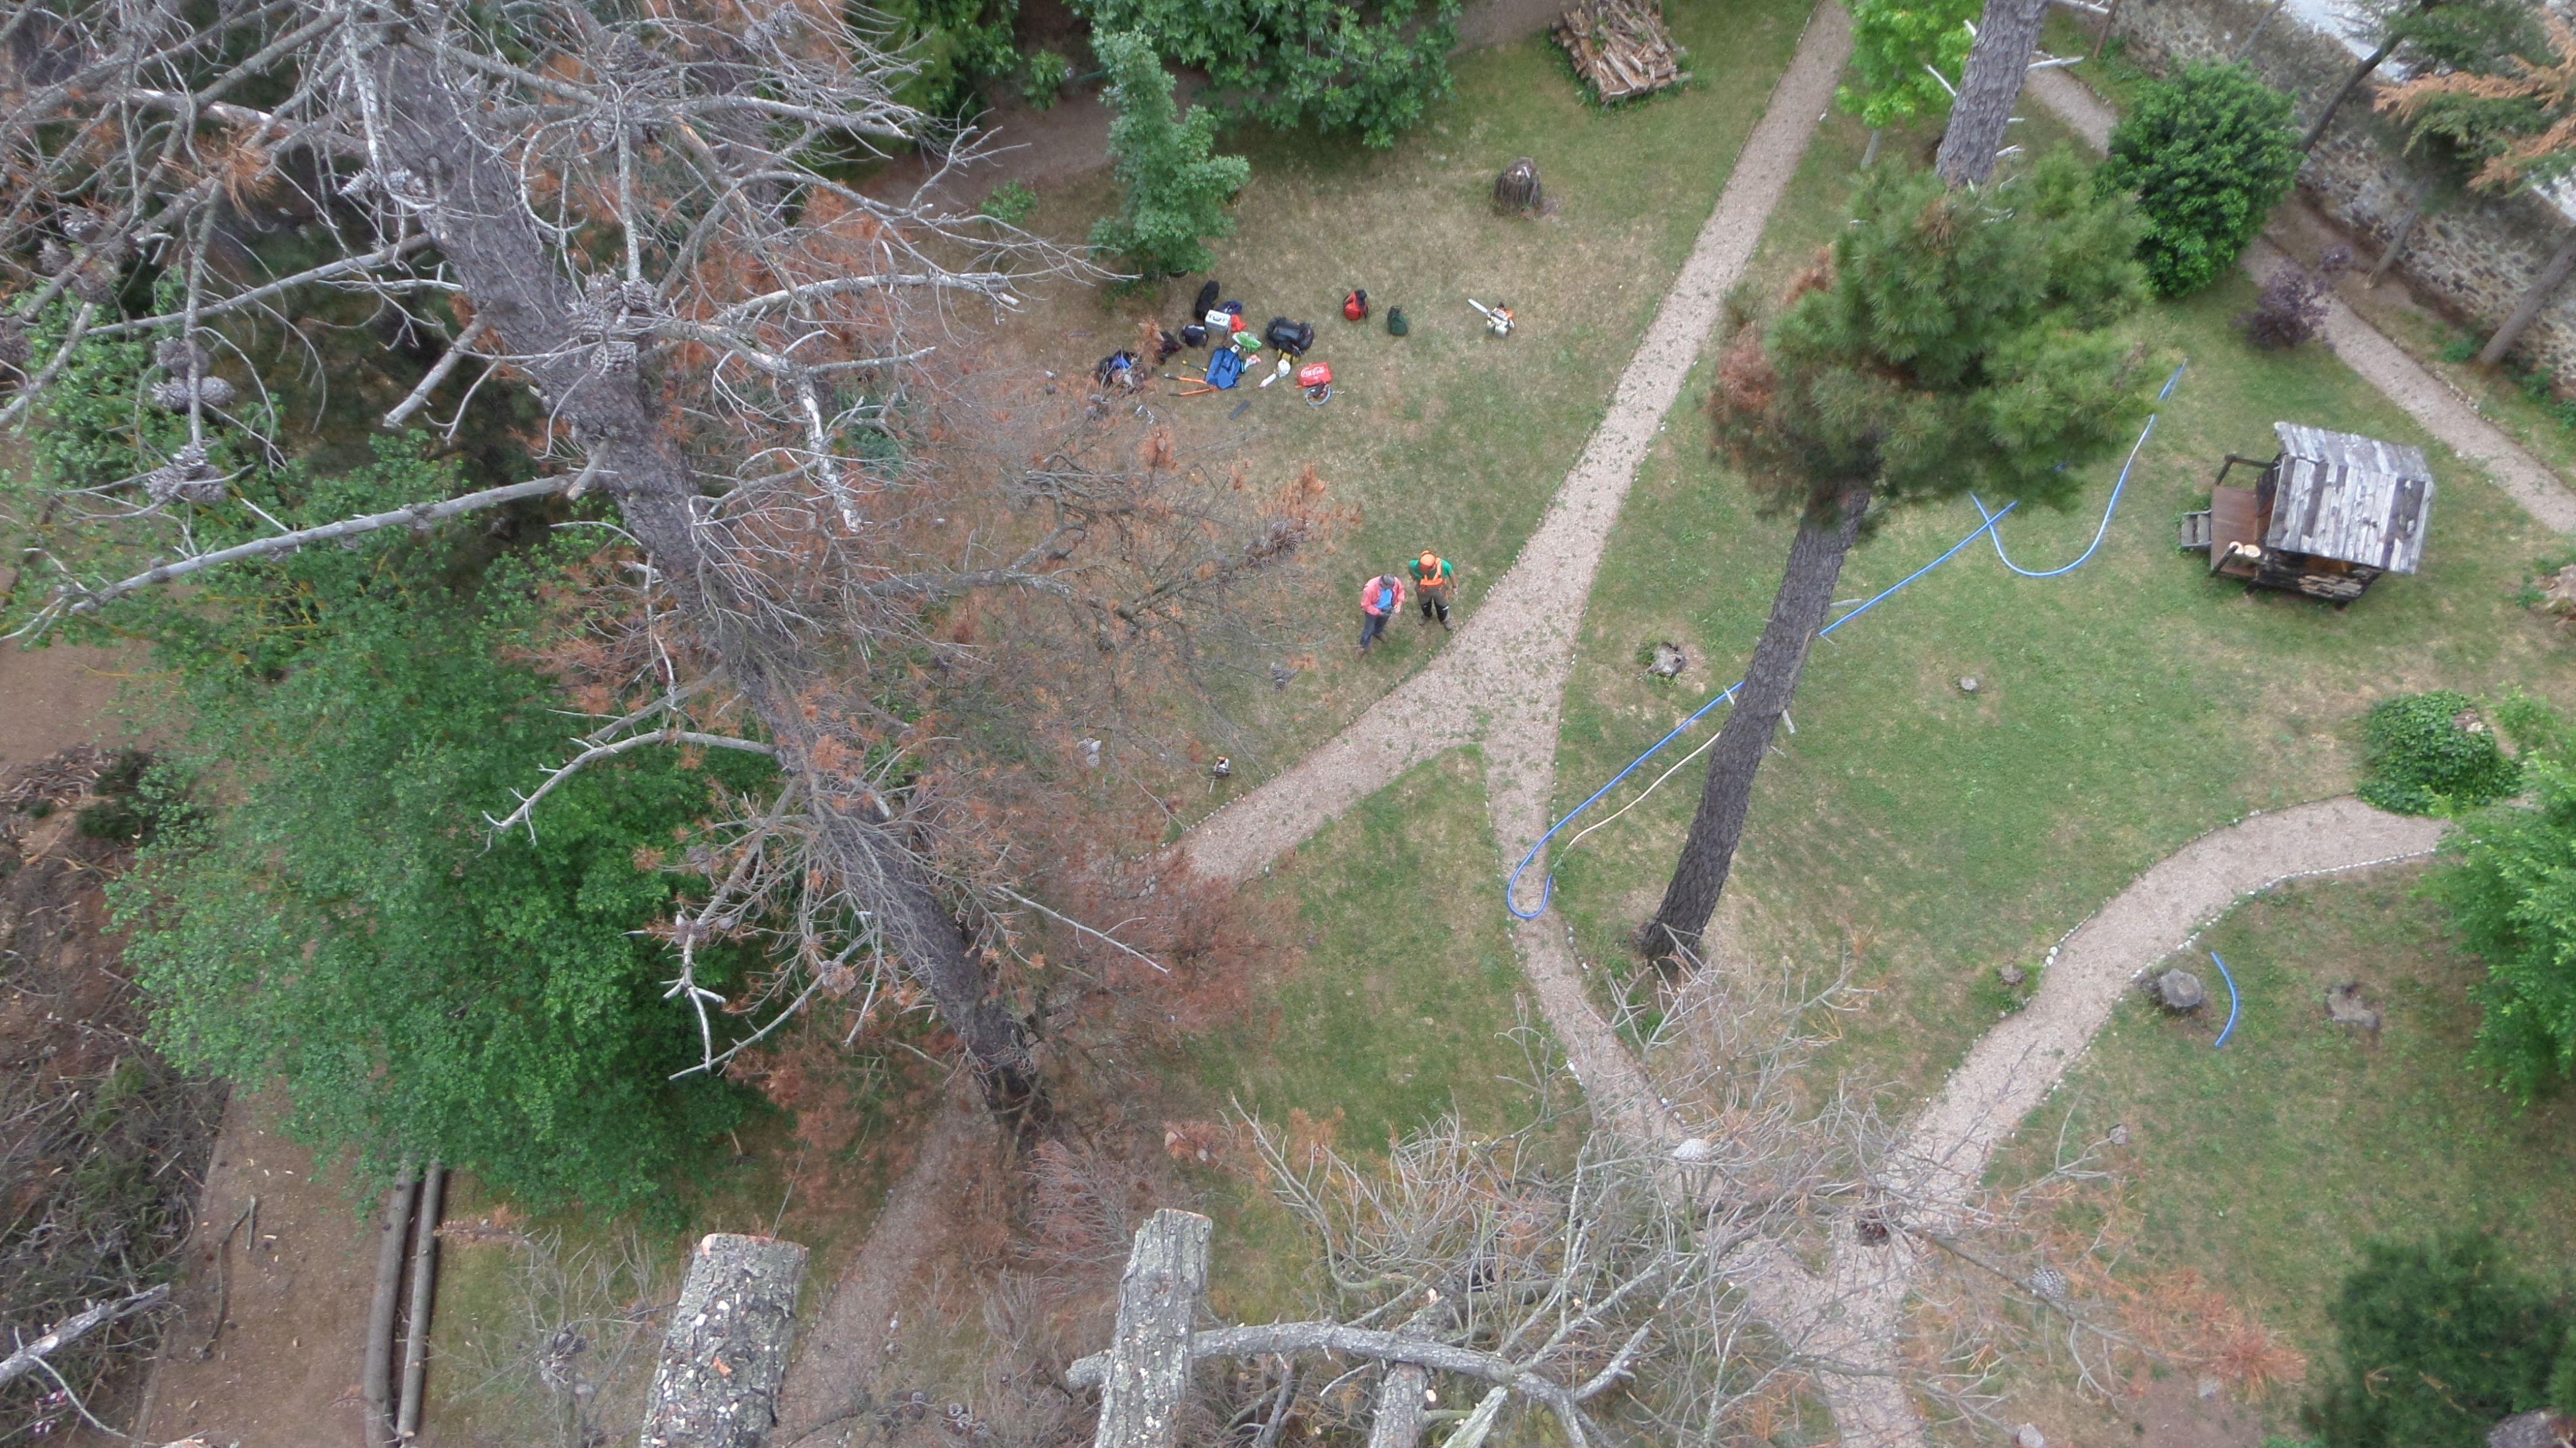 Tala mediante tecnica de trepa de pinos secos de gran porte en Cantabria.